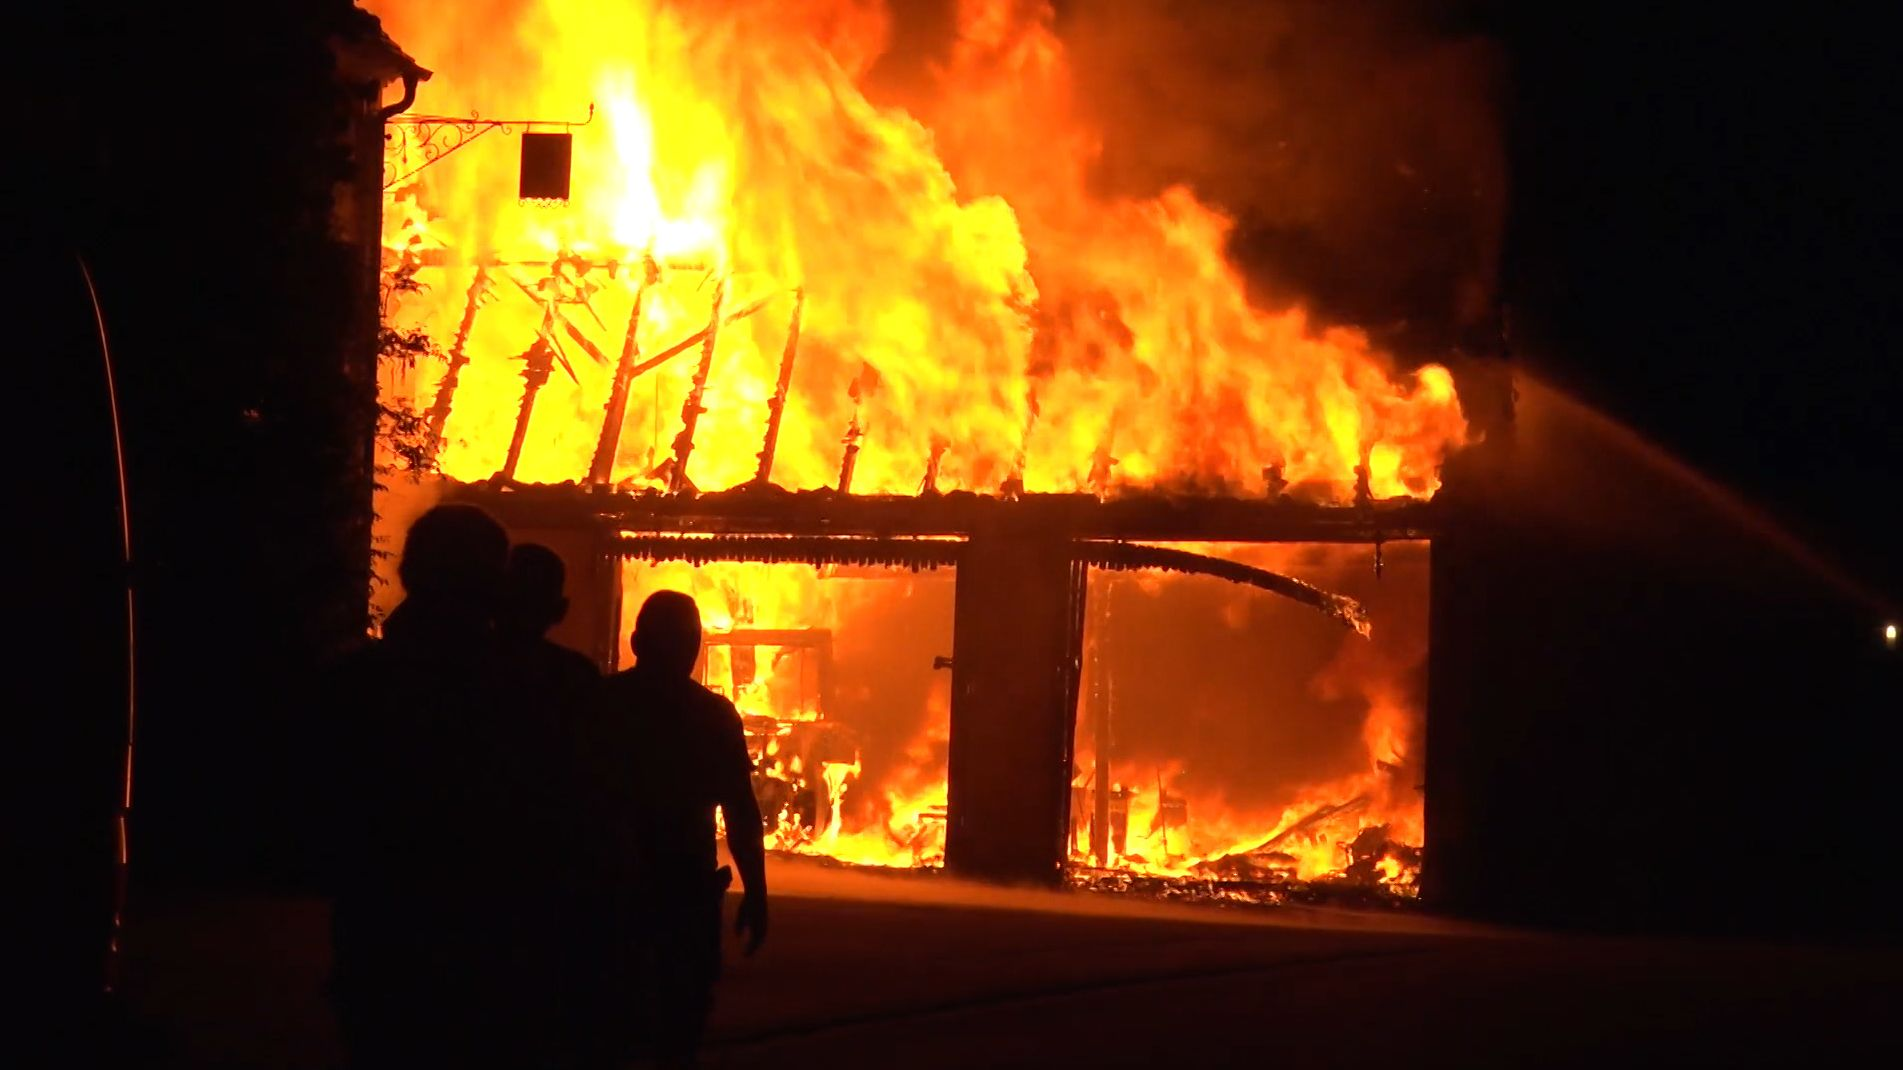 Silhouetten von Männern vor einer lichterloh brennenden Scheune